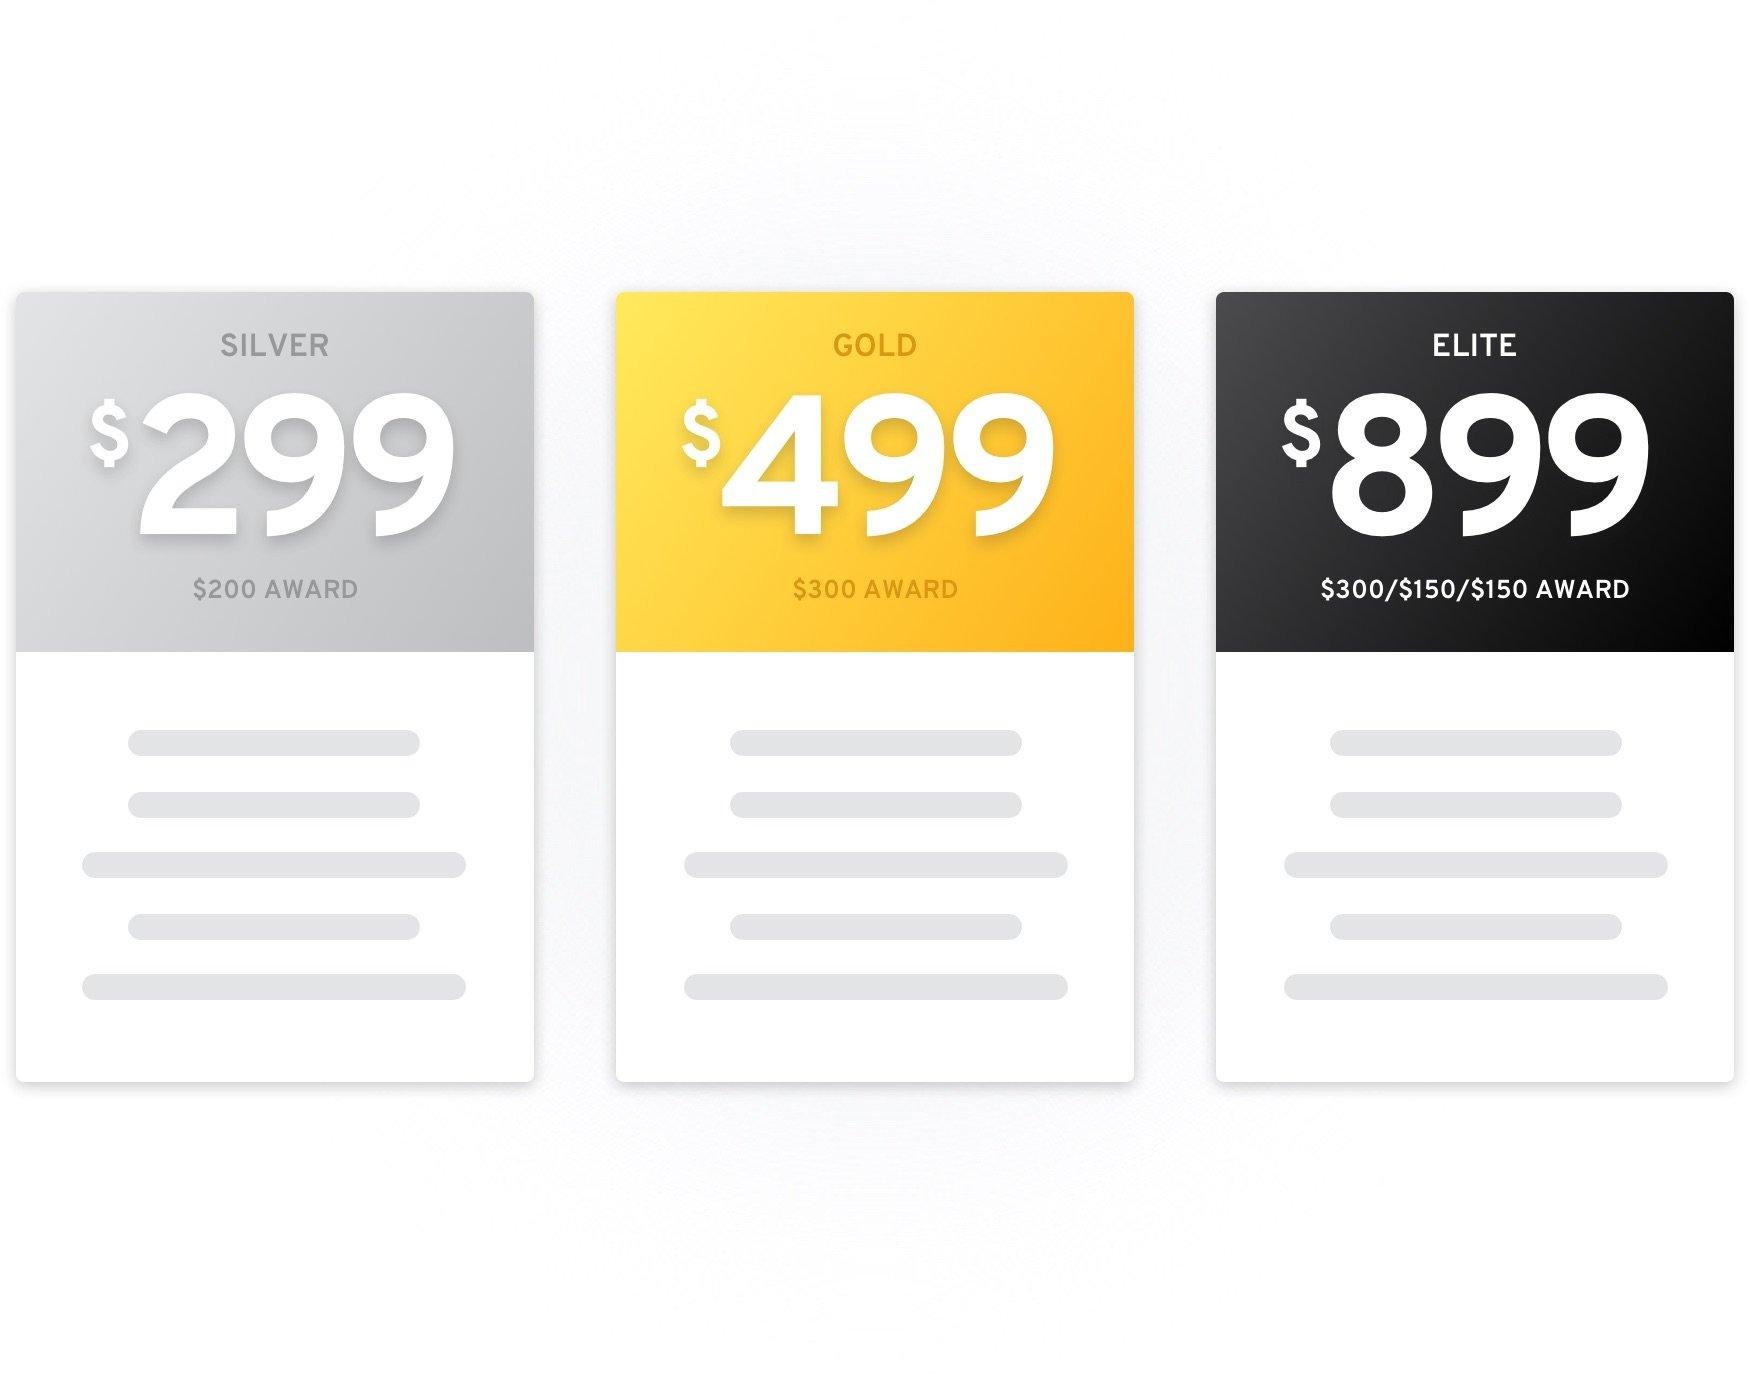 design pricing